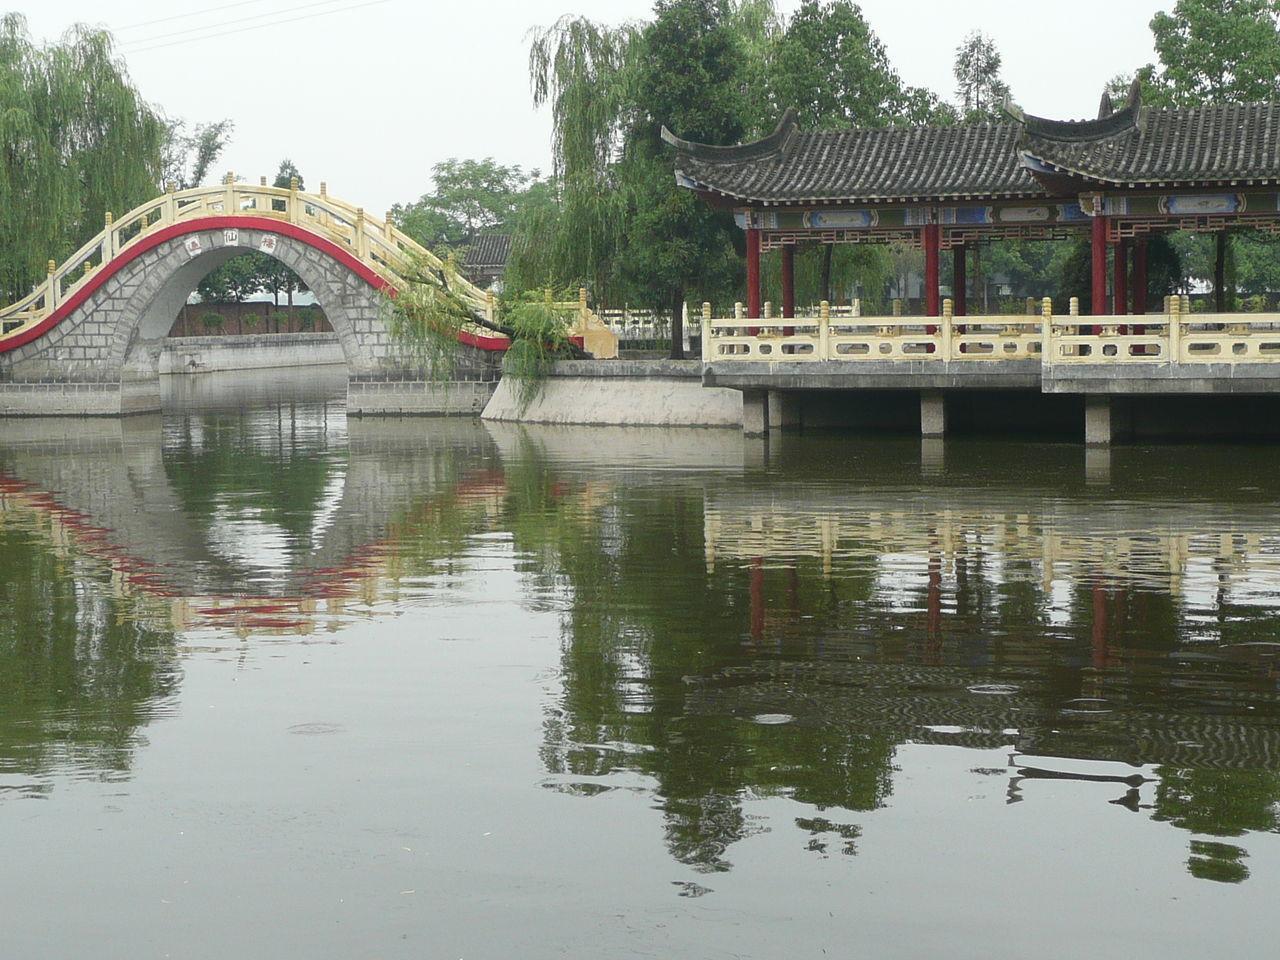 堰水山庄旅游攻略_门票_地址_游记点评,汉中旅游景点